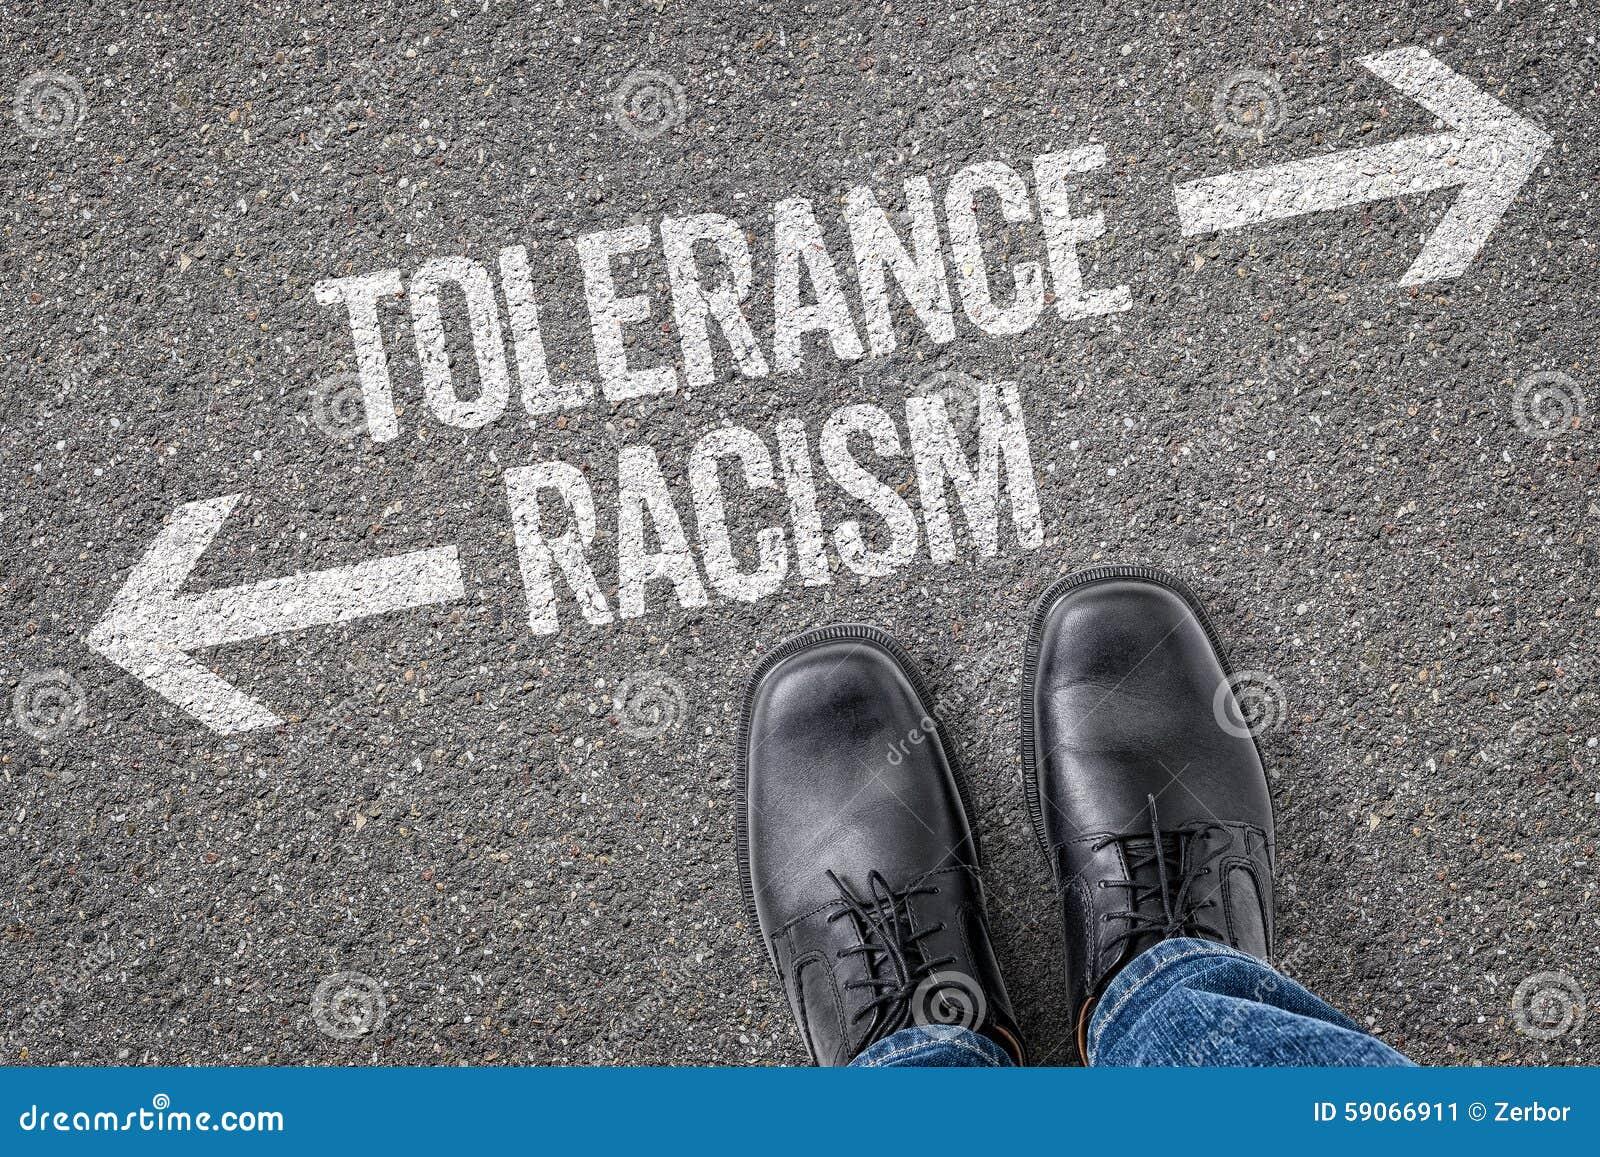 Tolerantie of Racisme